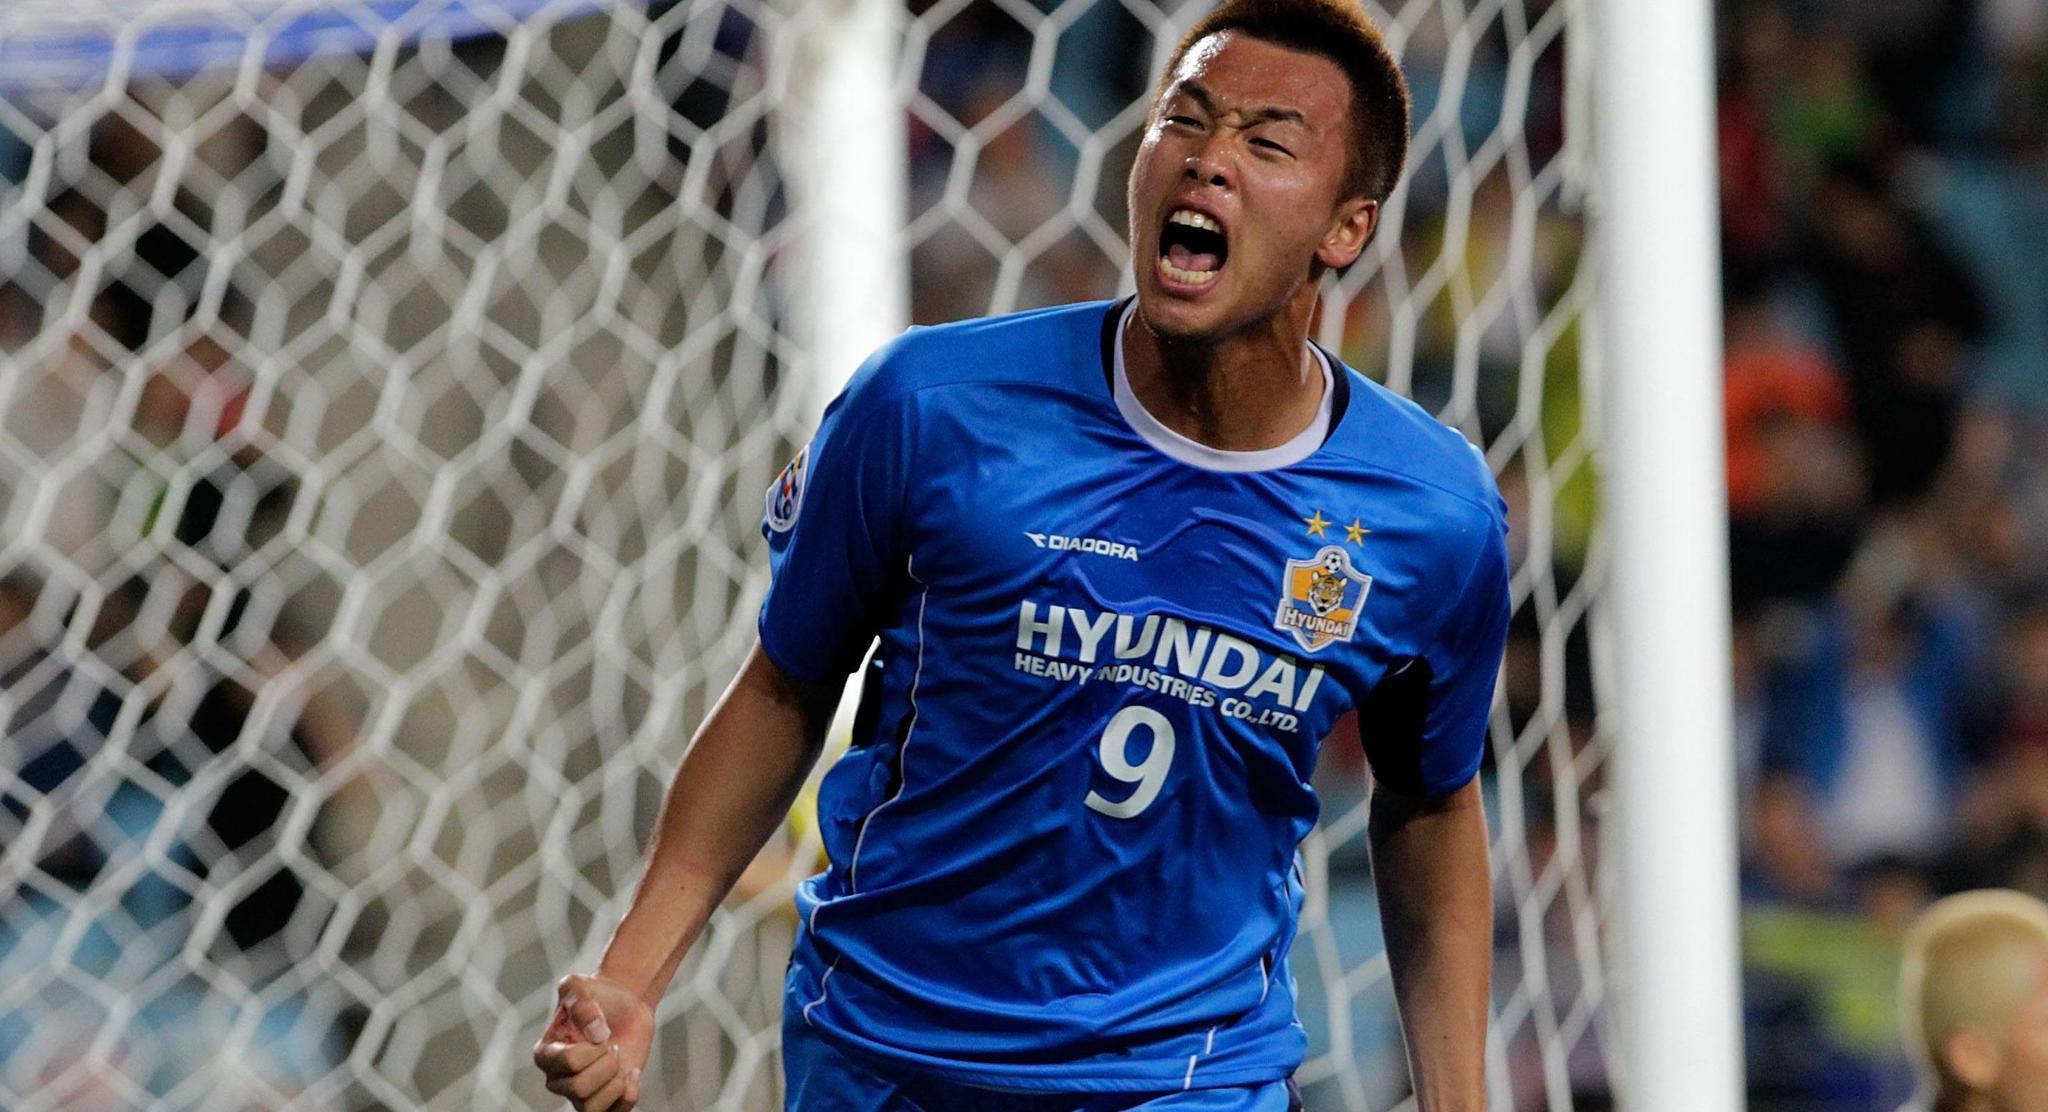 权敬源提醒金信煜:足球方面中国难以想象,要做好心理准备!